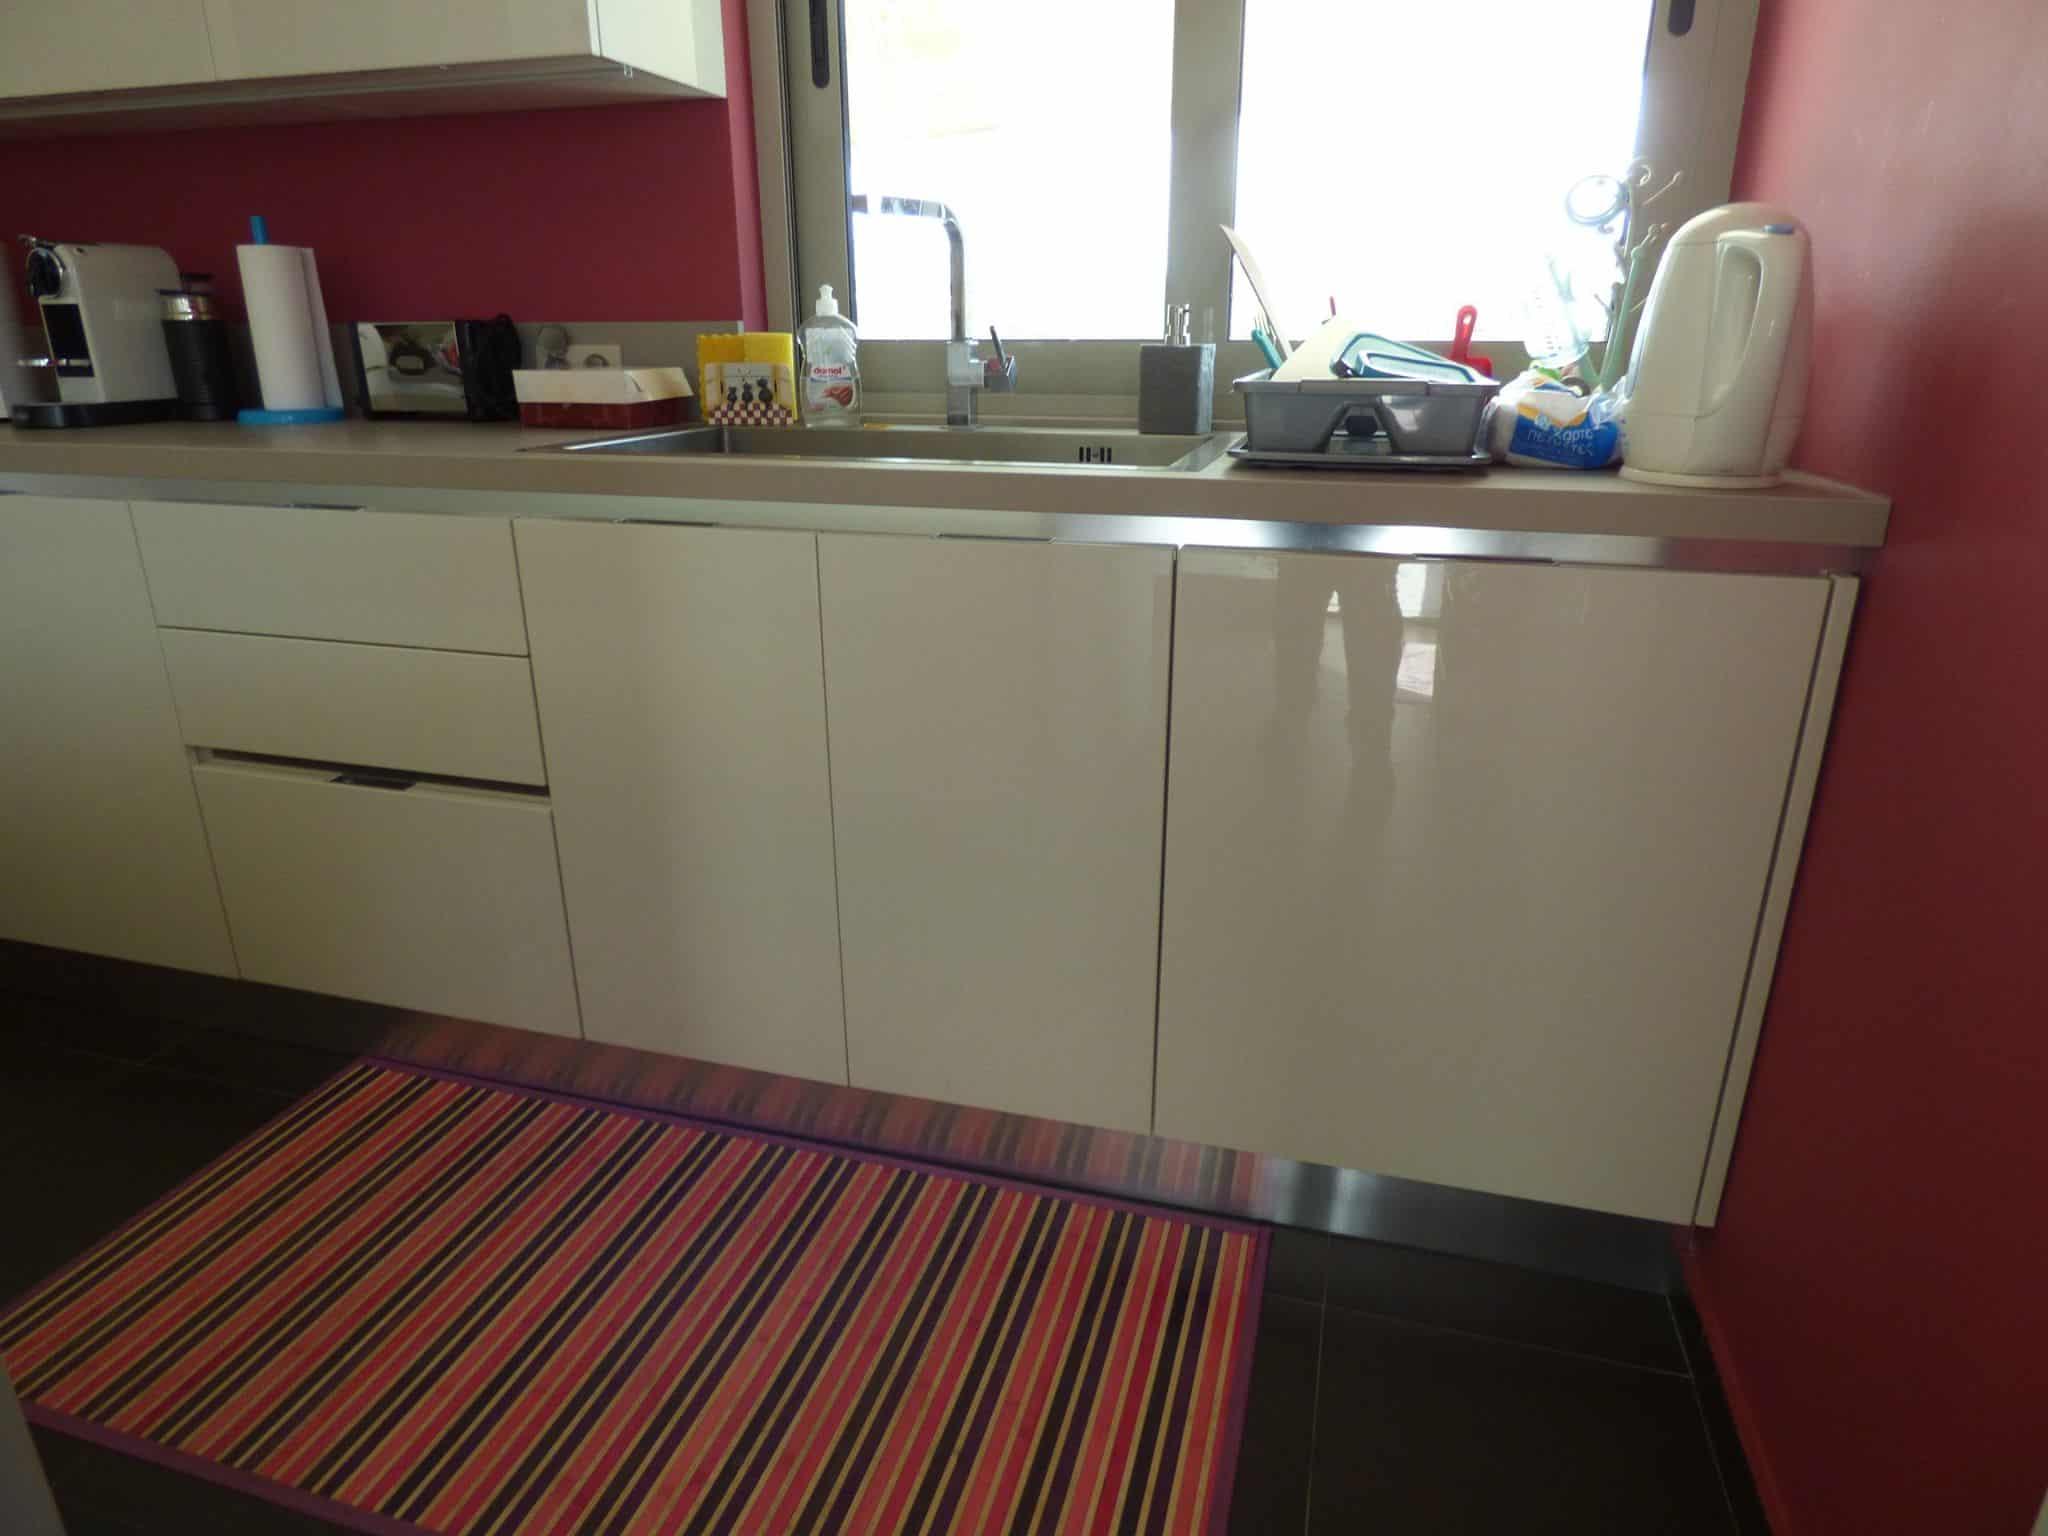 Έπιπλα Κουζίνας Λάκας Nexa με χωνετή λαβή Gola και πάγκους Νανοτεχνολογίας FENIX NTM® χρωματισμού Zinco Doha 27